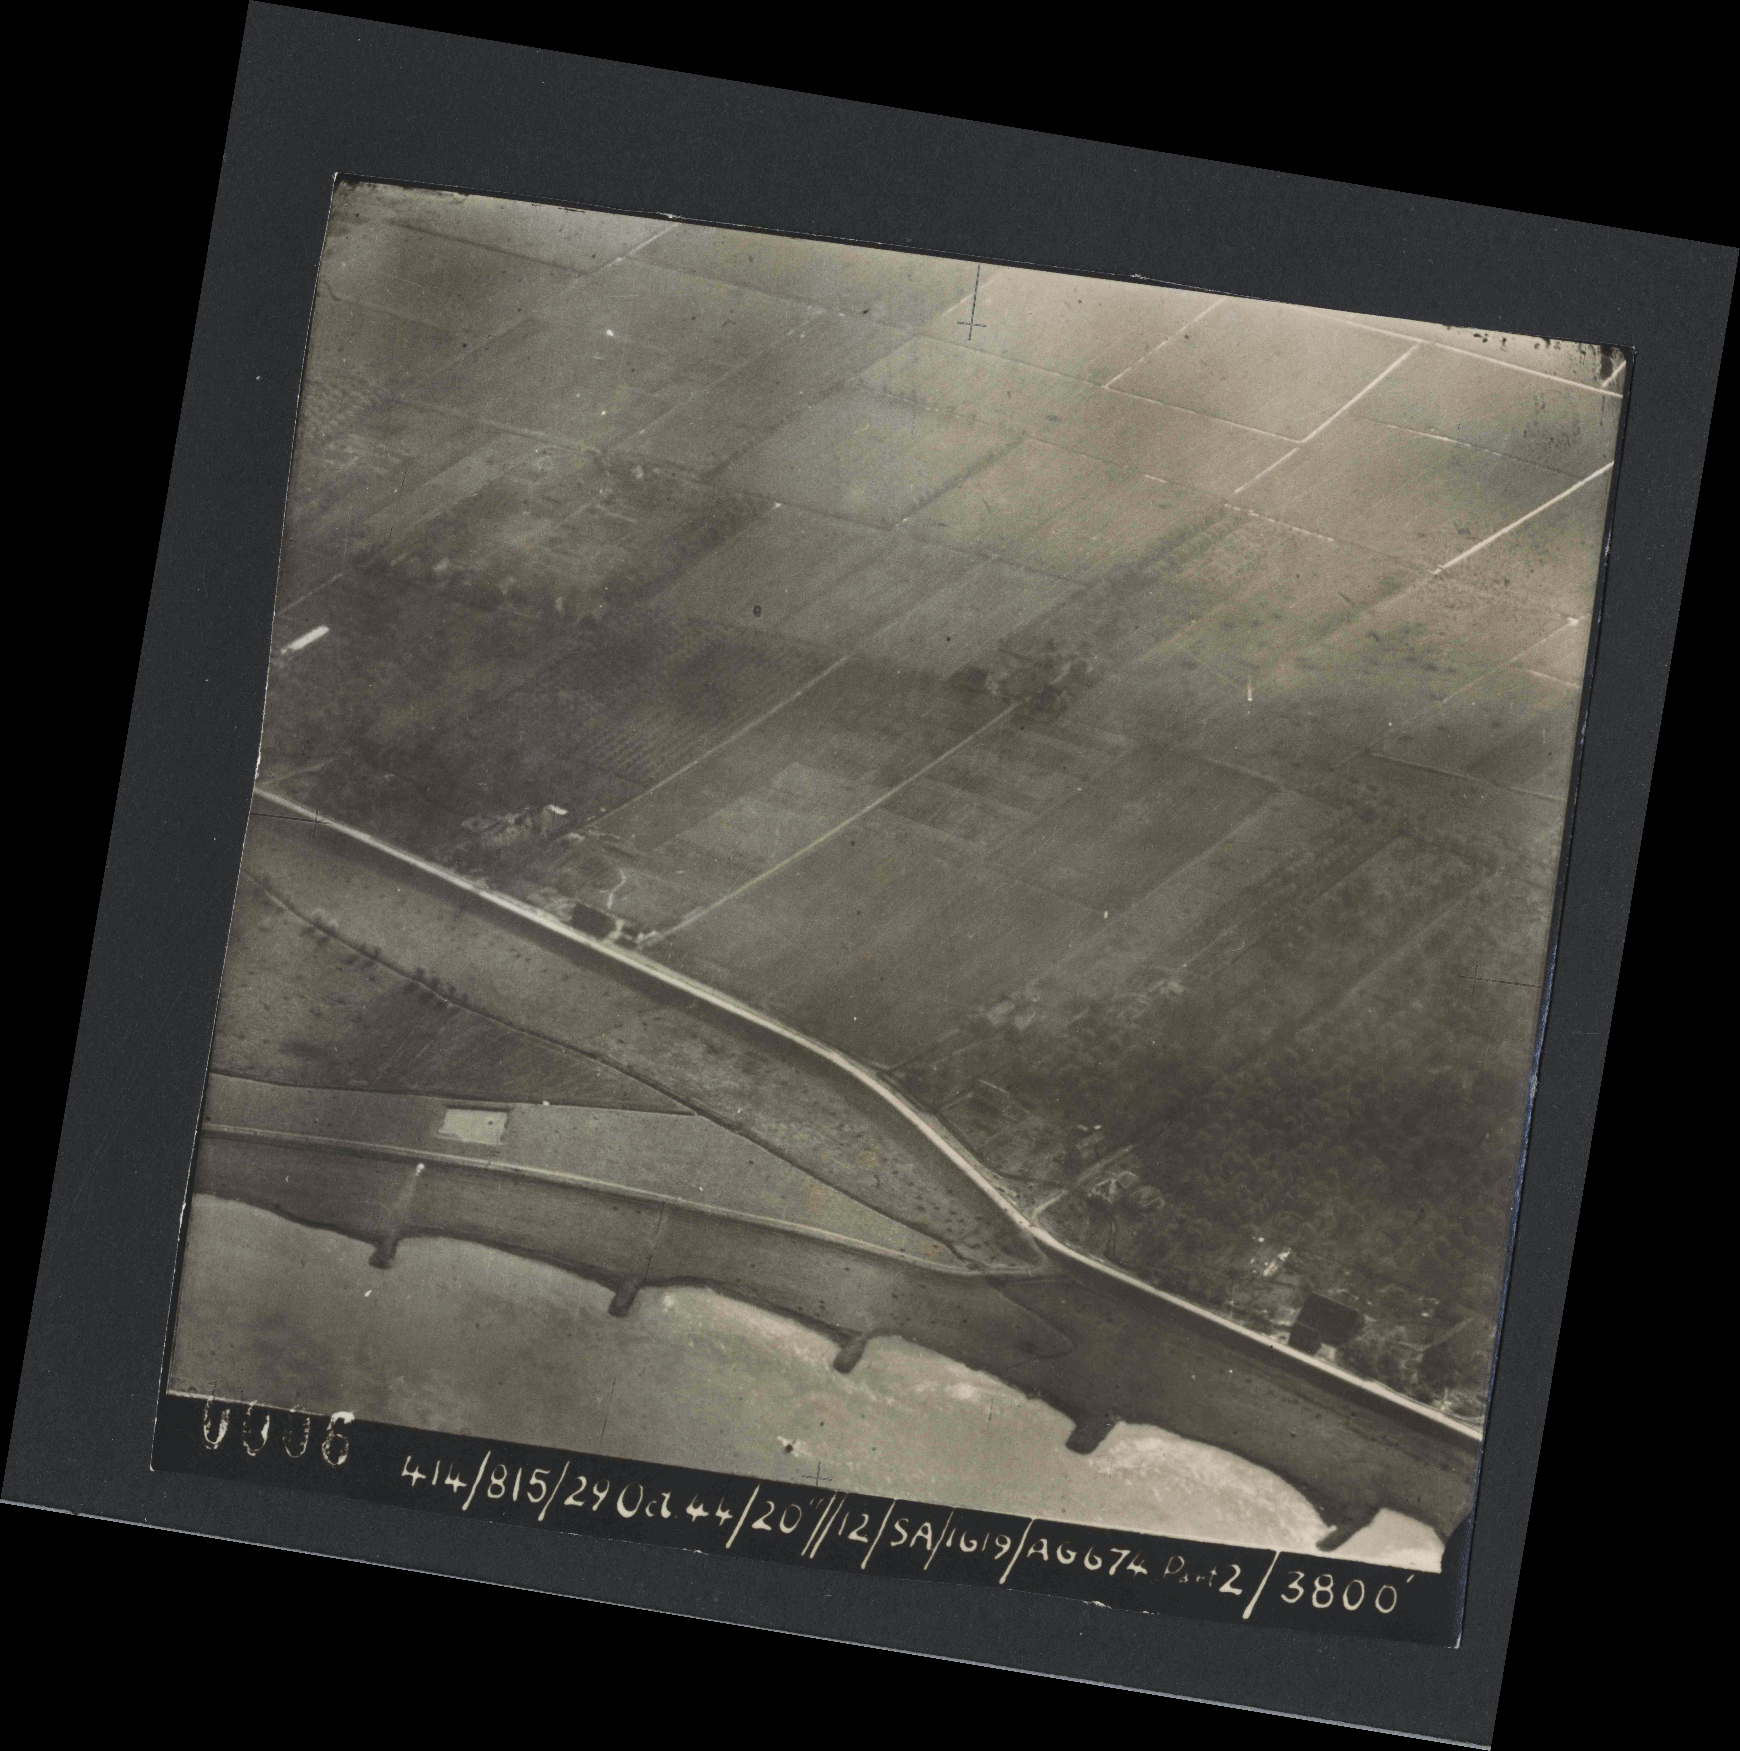 Collection RAF aerial photos 1940-1945 - flight 504, run 01, photo 0006